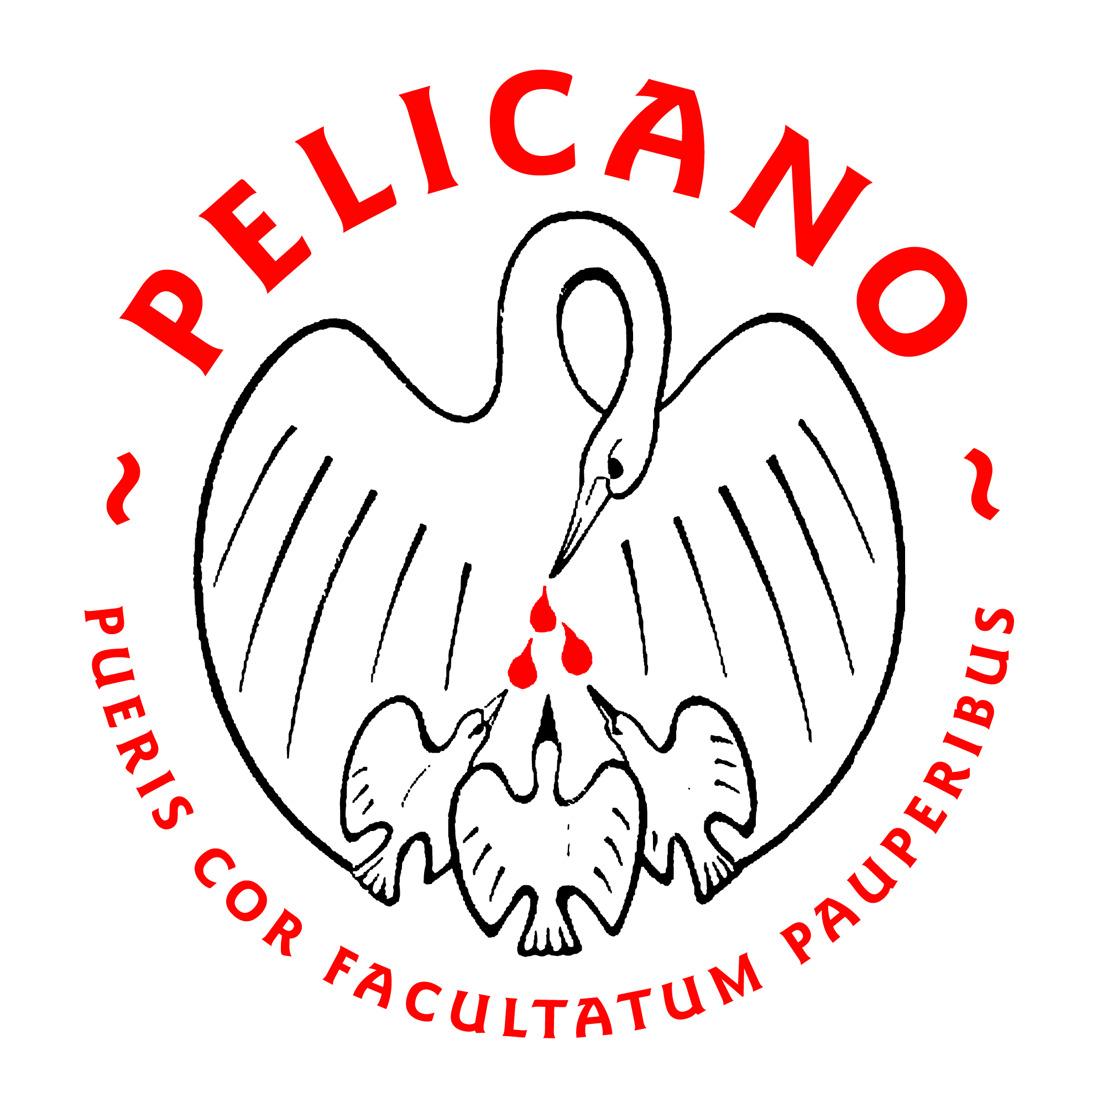 INEOS steunt Stichting Pelicano in haar strijd tegen kinderarmoede